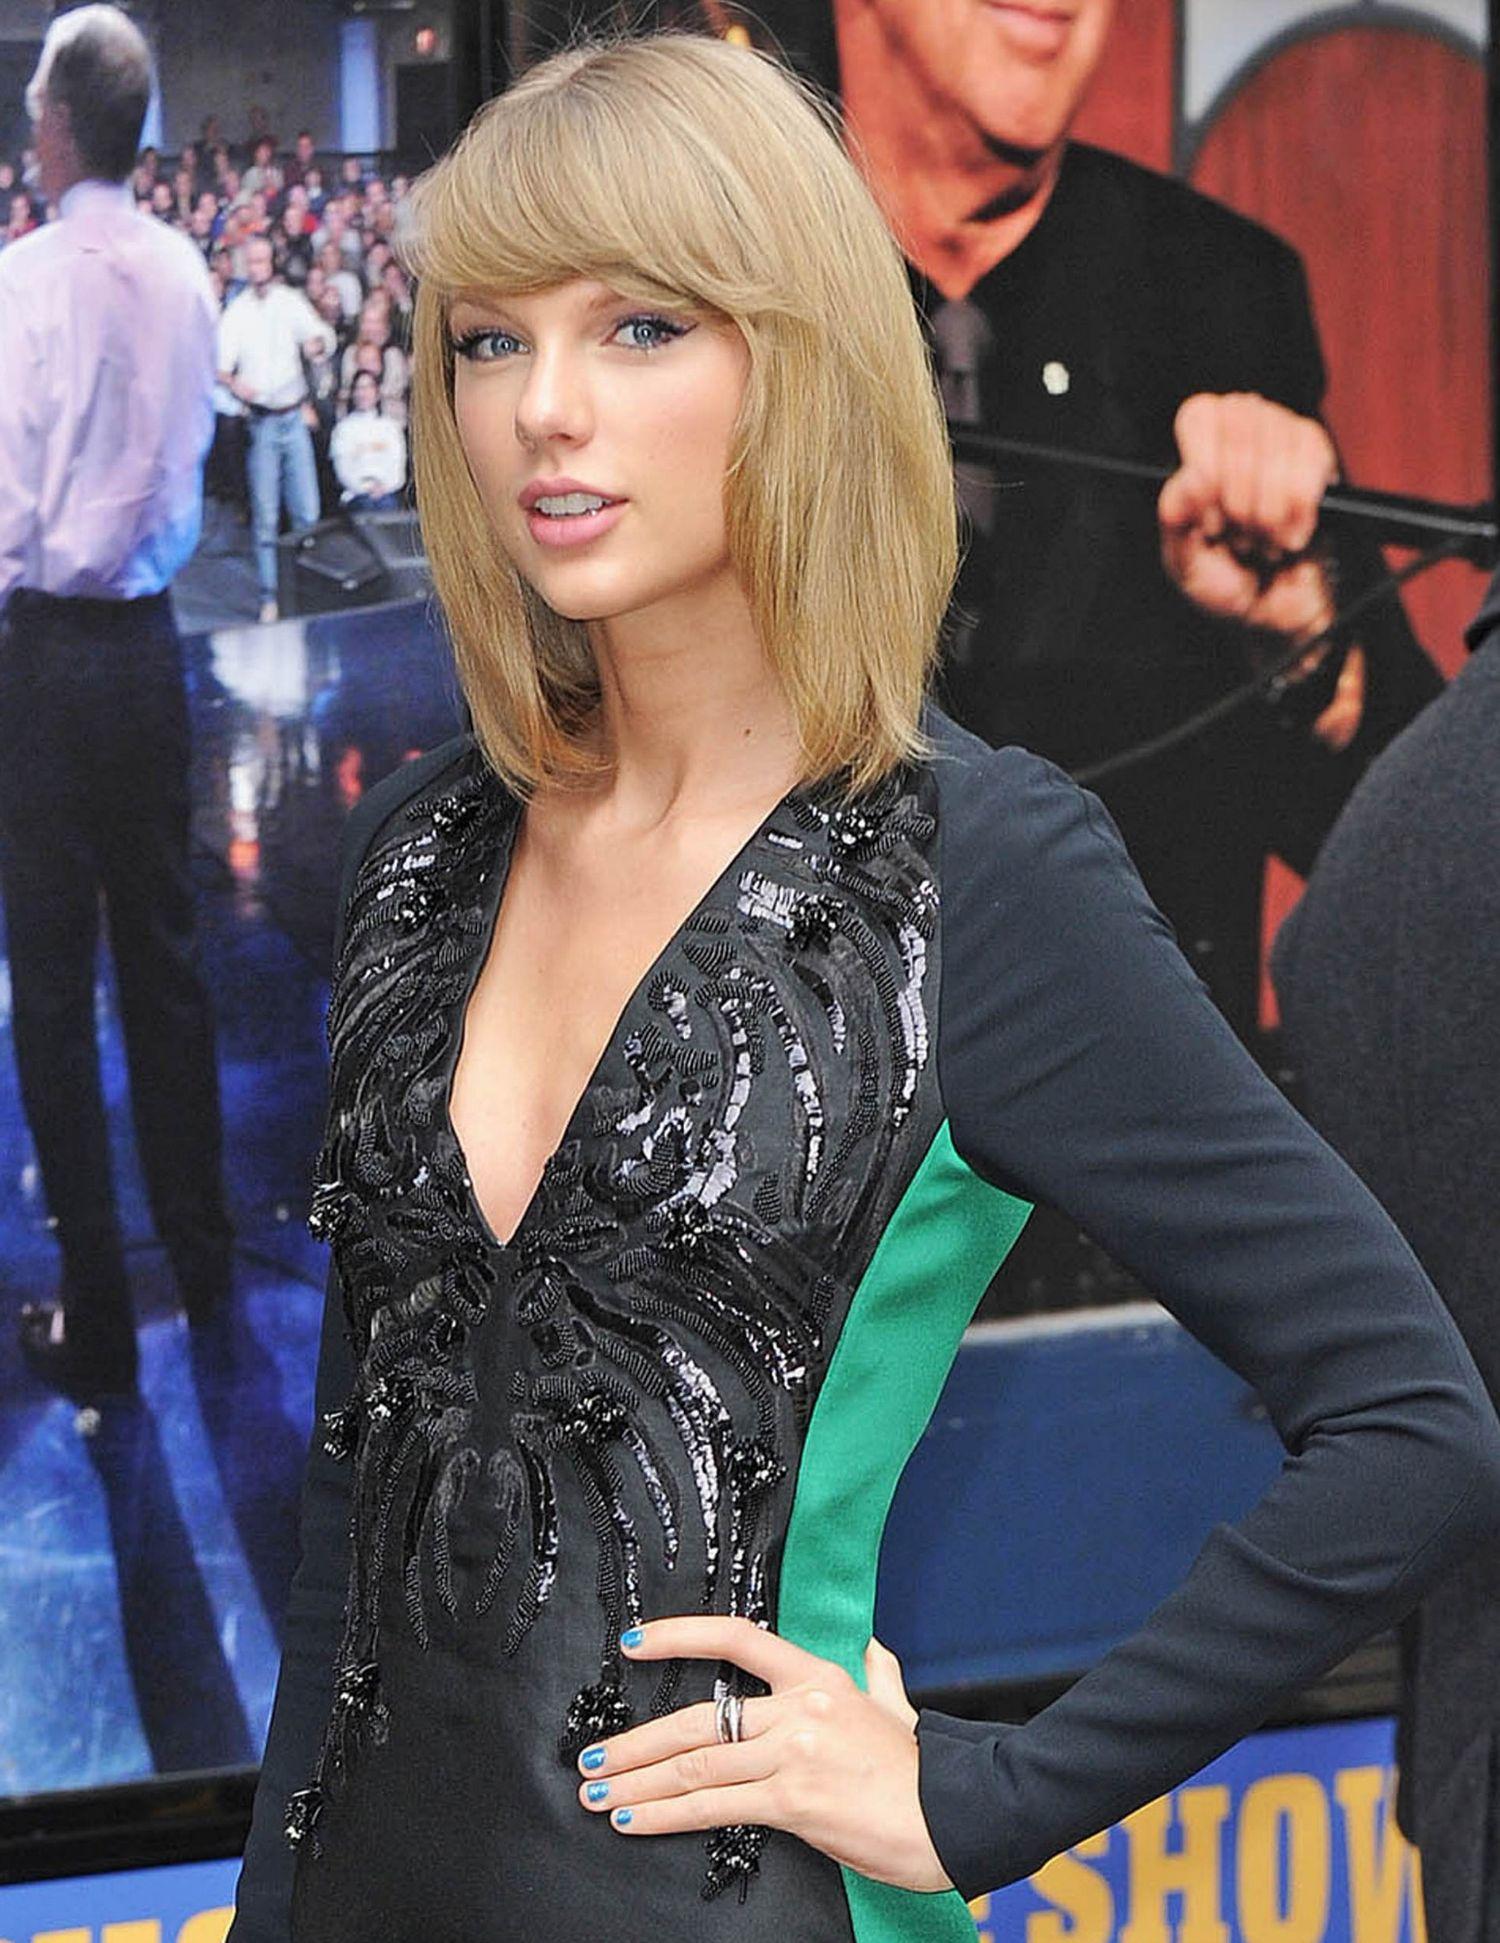 Taylor swift blue nail polish